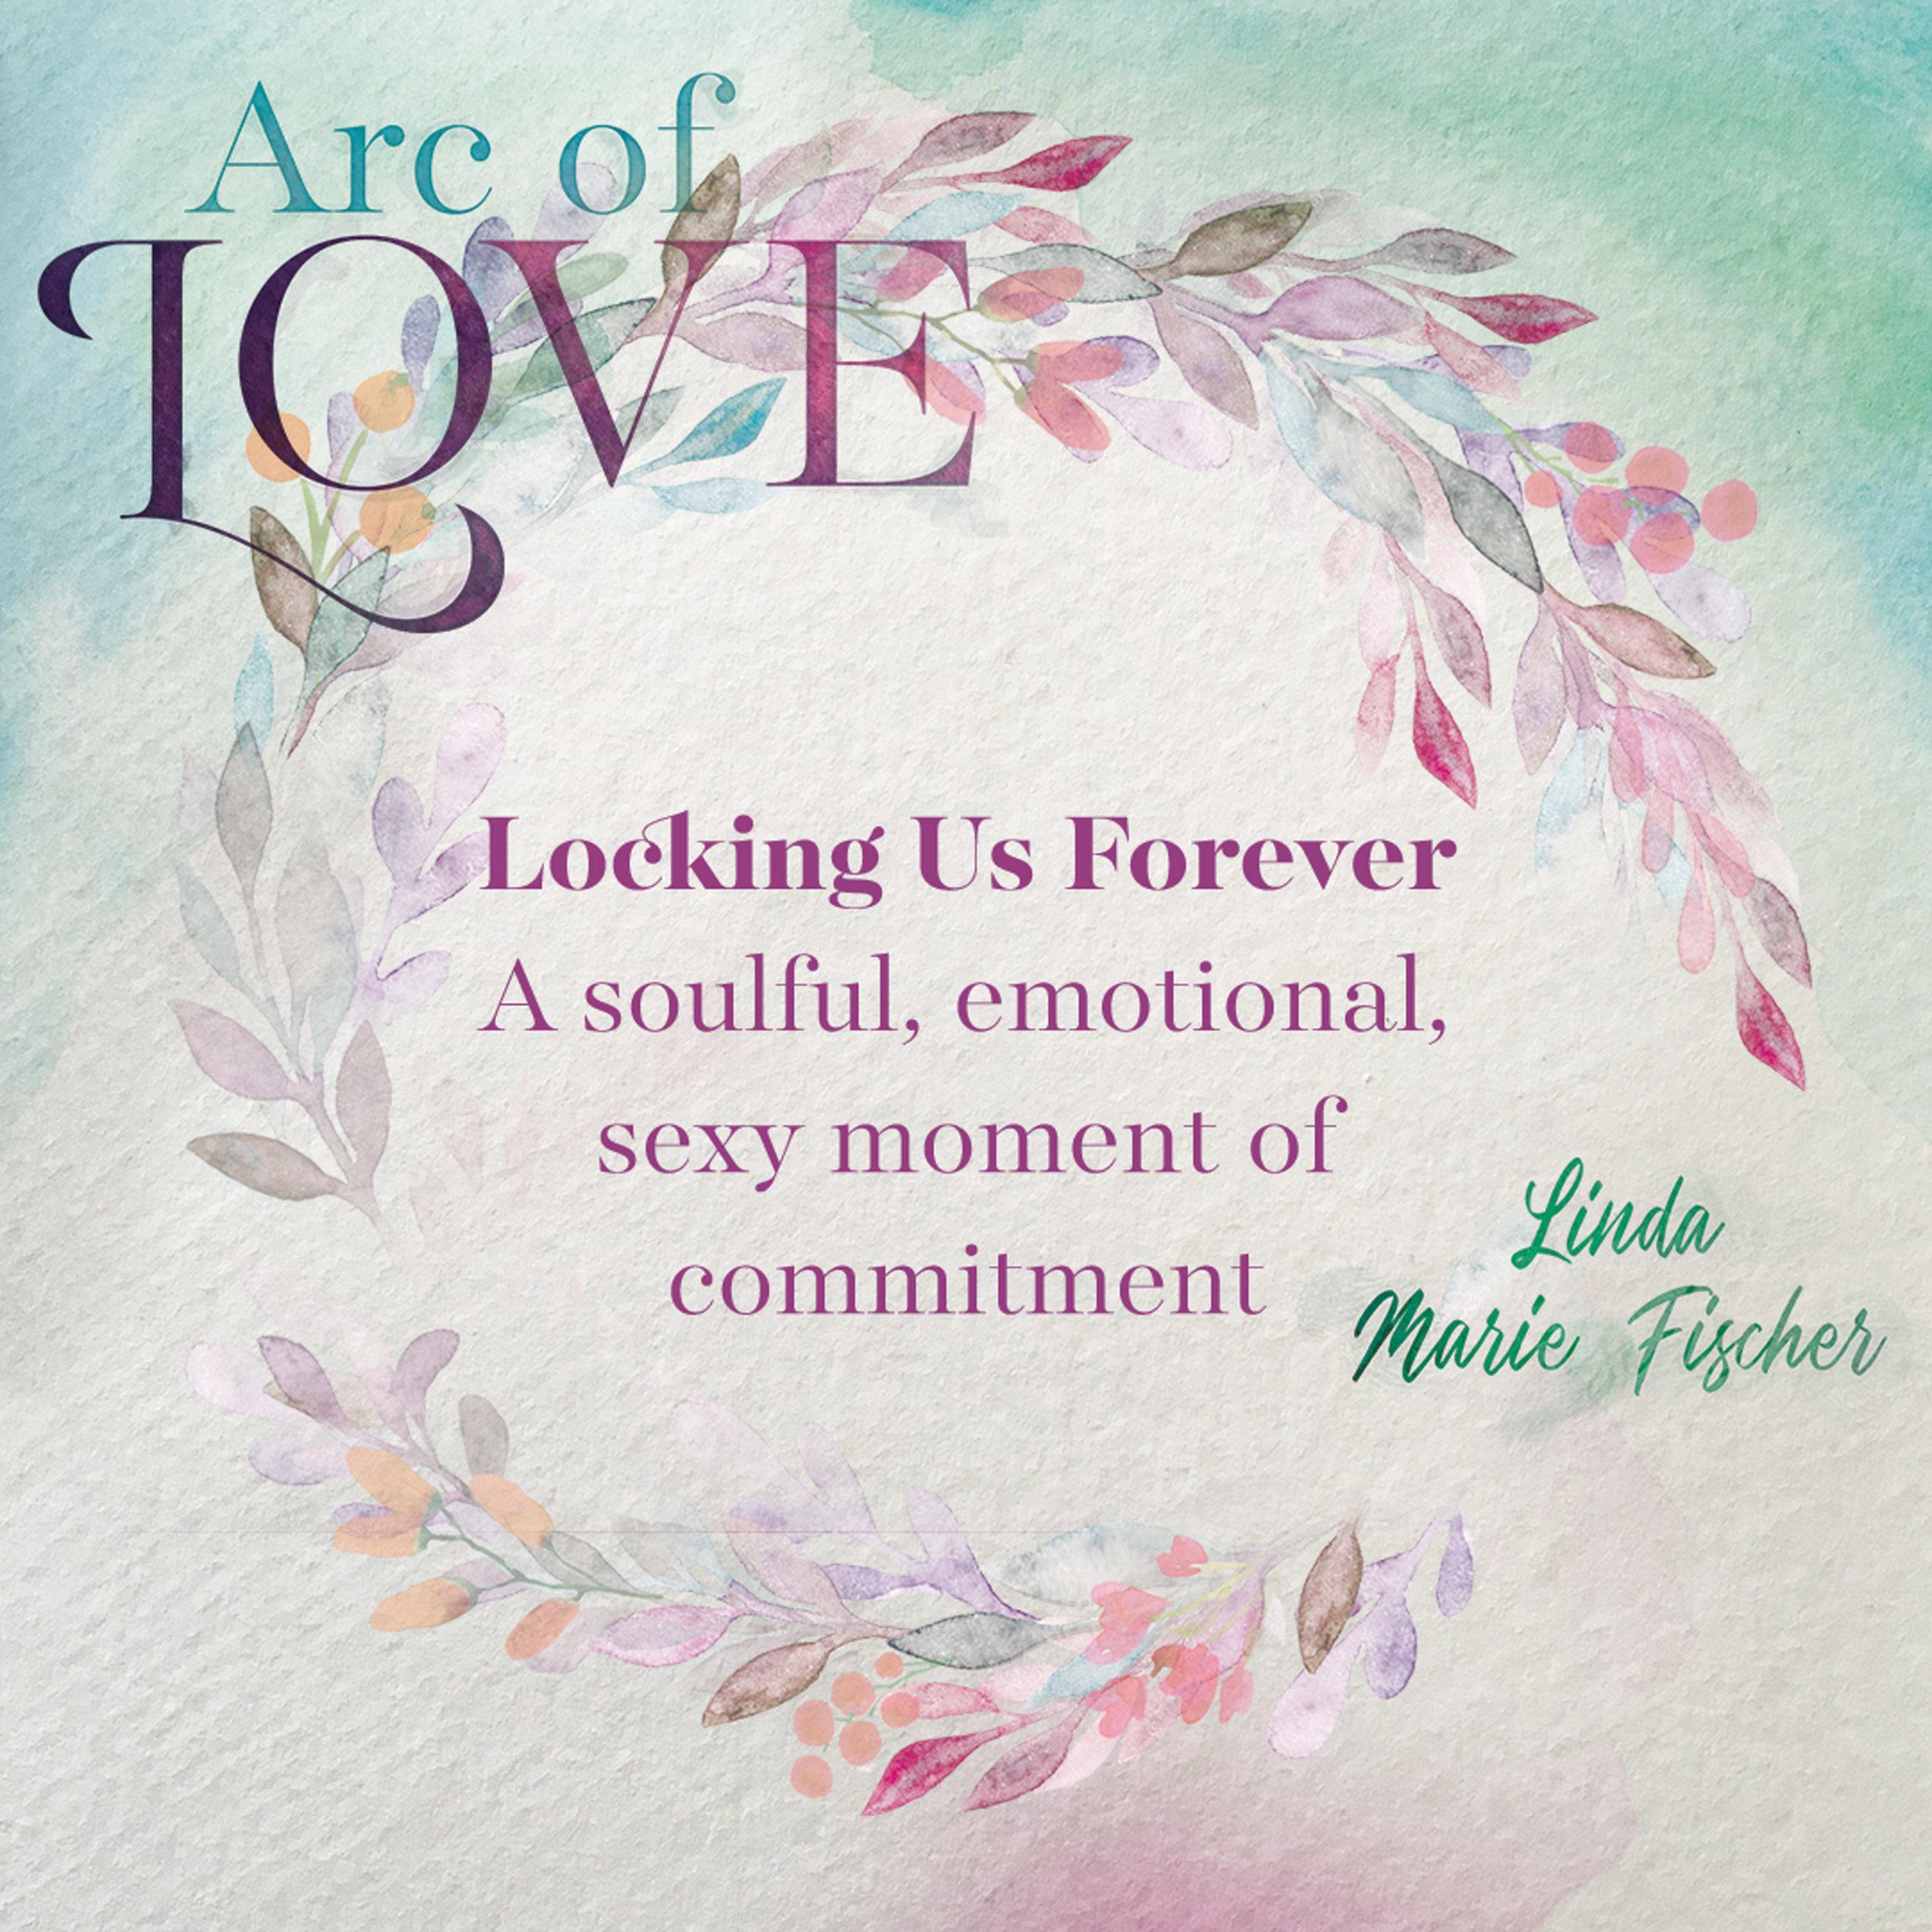 Arc of Love - Locking Us Forever.jpg